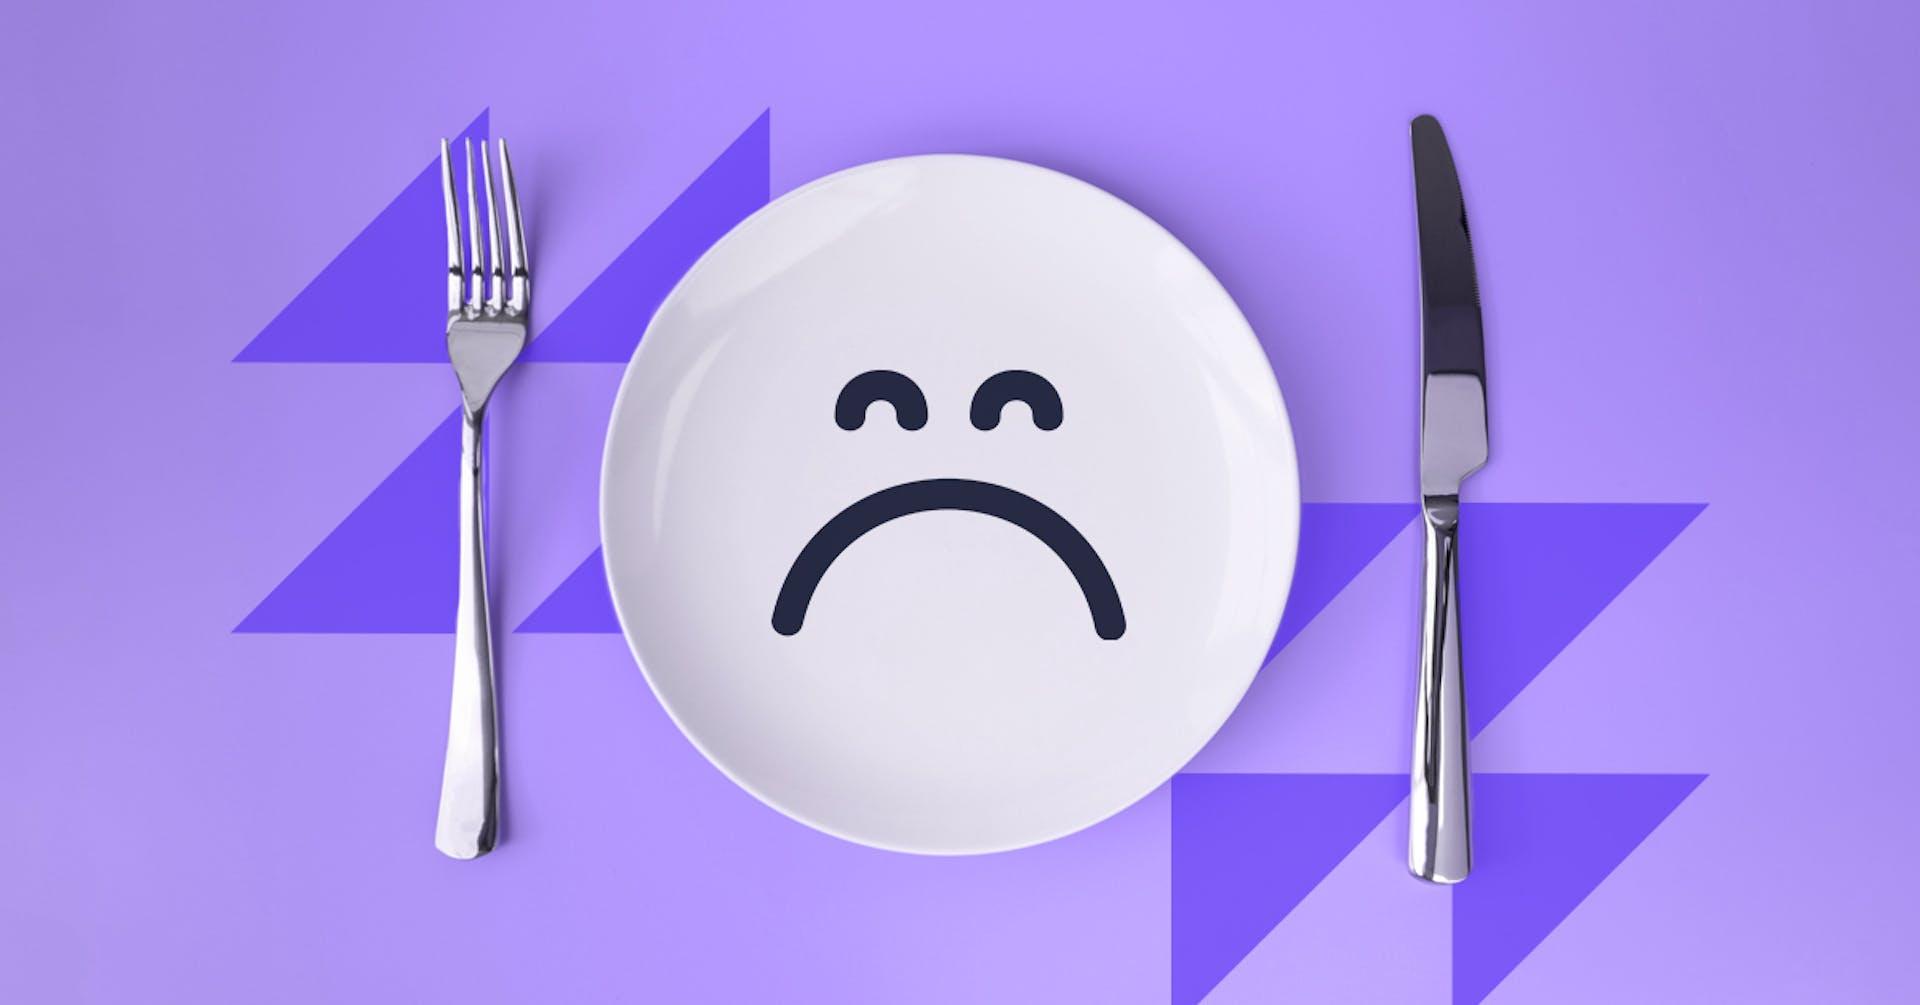 ¿Qué es el hambre emocional y cómo superarla? Encuentra el equilibrio perfecto entre cuerpo y mente